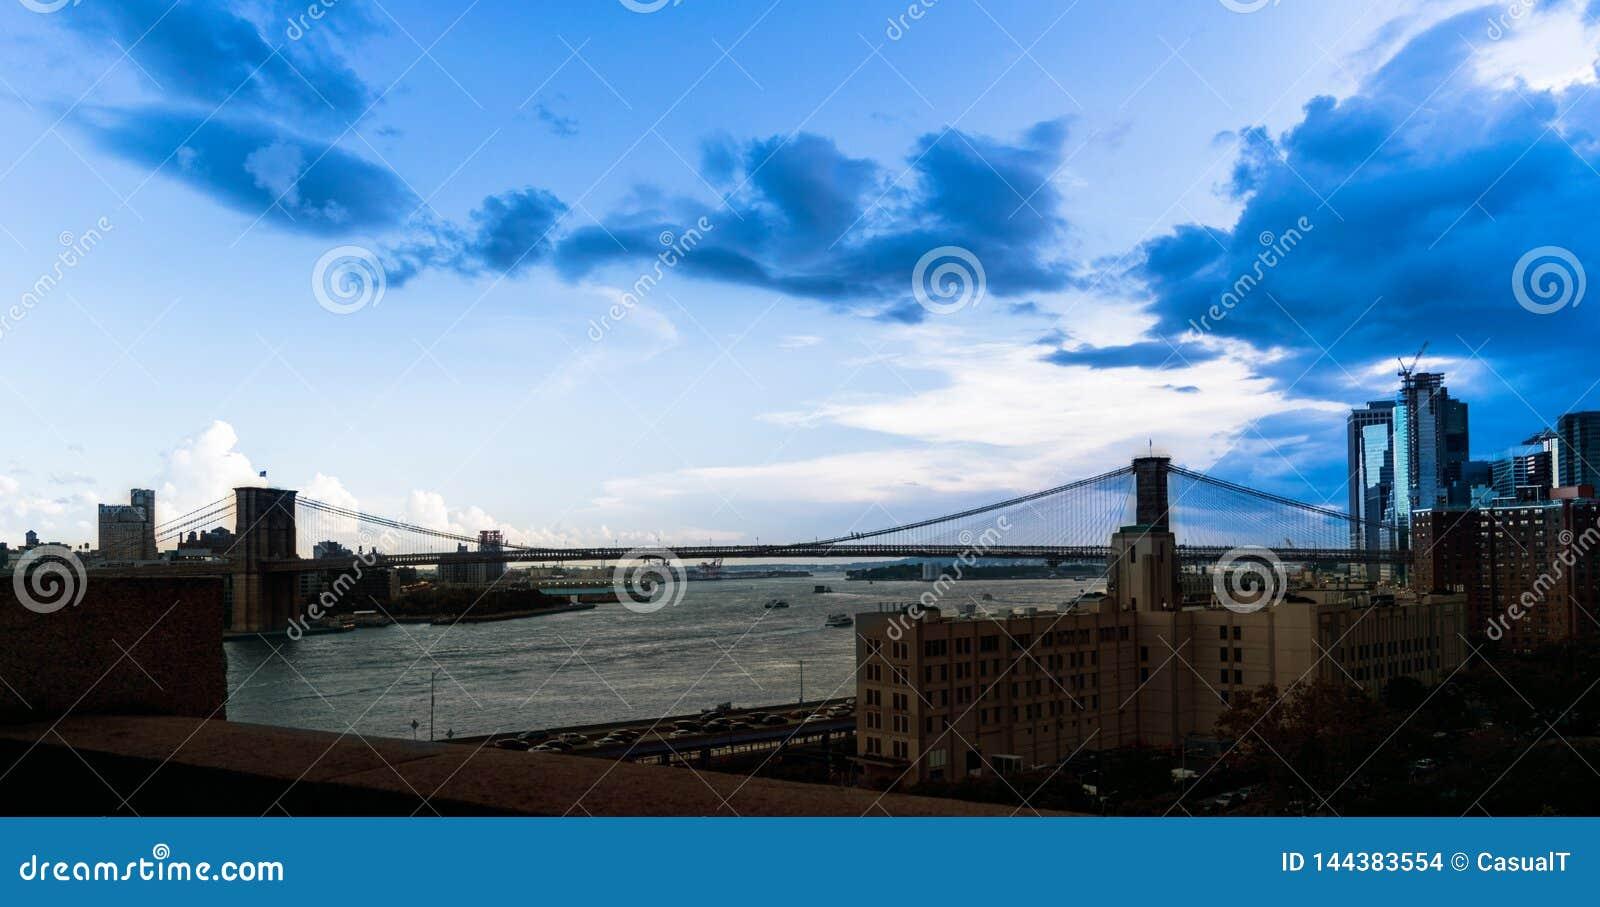 Panoramablick der Brooklyn-Brücke, die den East River, unter einem beträchtlichen blauen Frühabend-Himmel im Stadtzentrum überspa